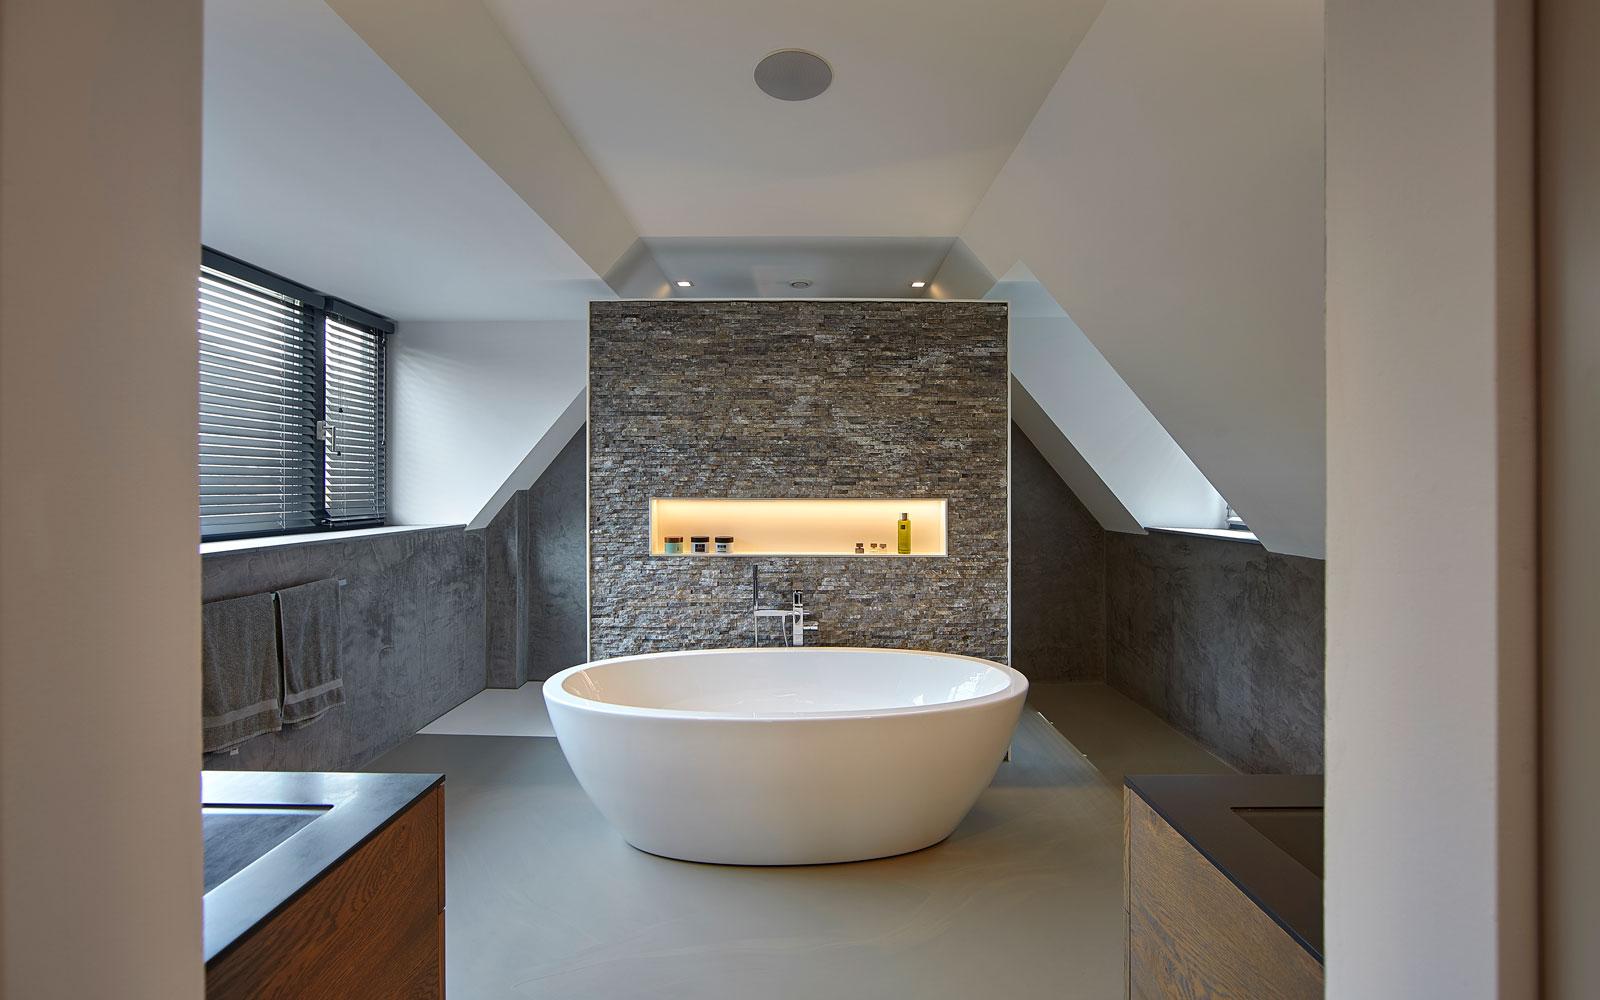 Badkamer met vrijstaand bad, inspirerende villa, Wolfs Architecten